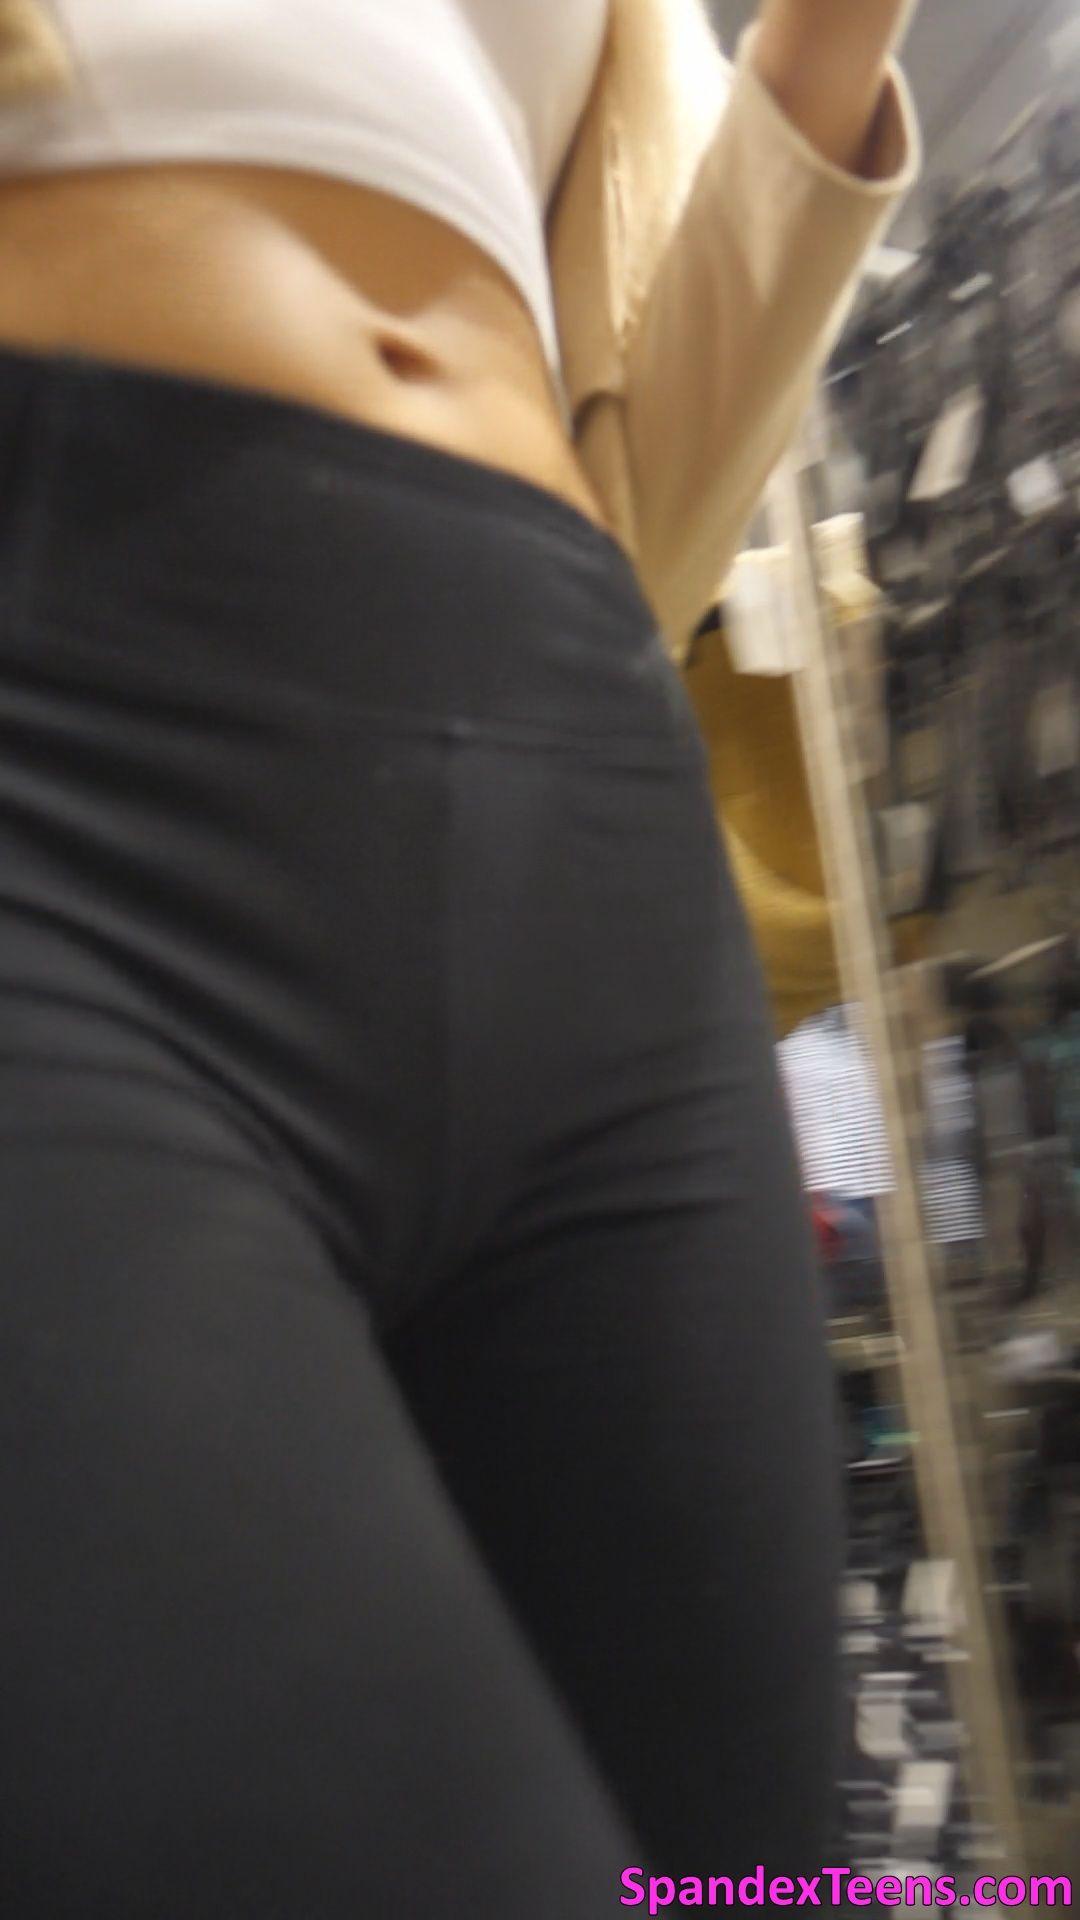 Teen ass pic hd